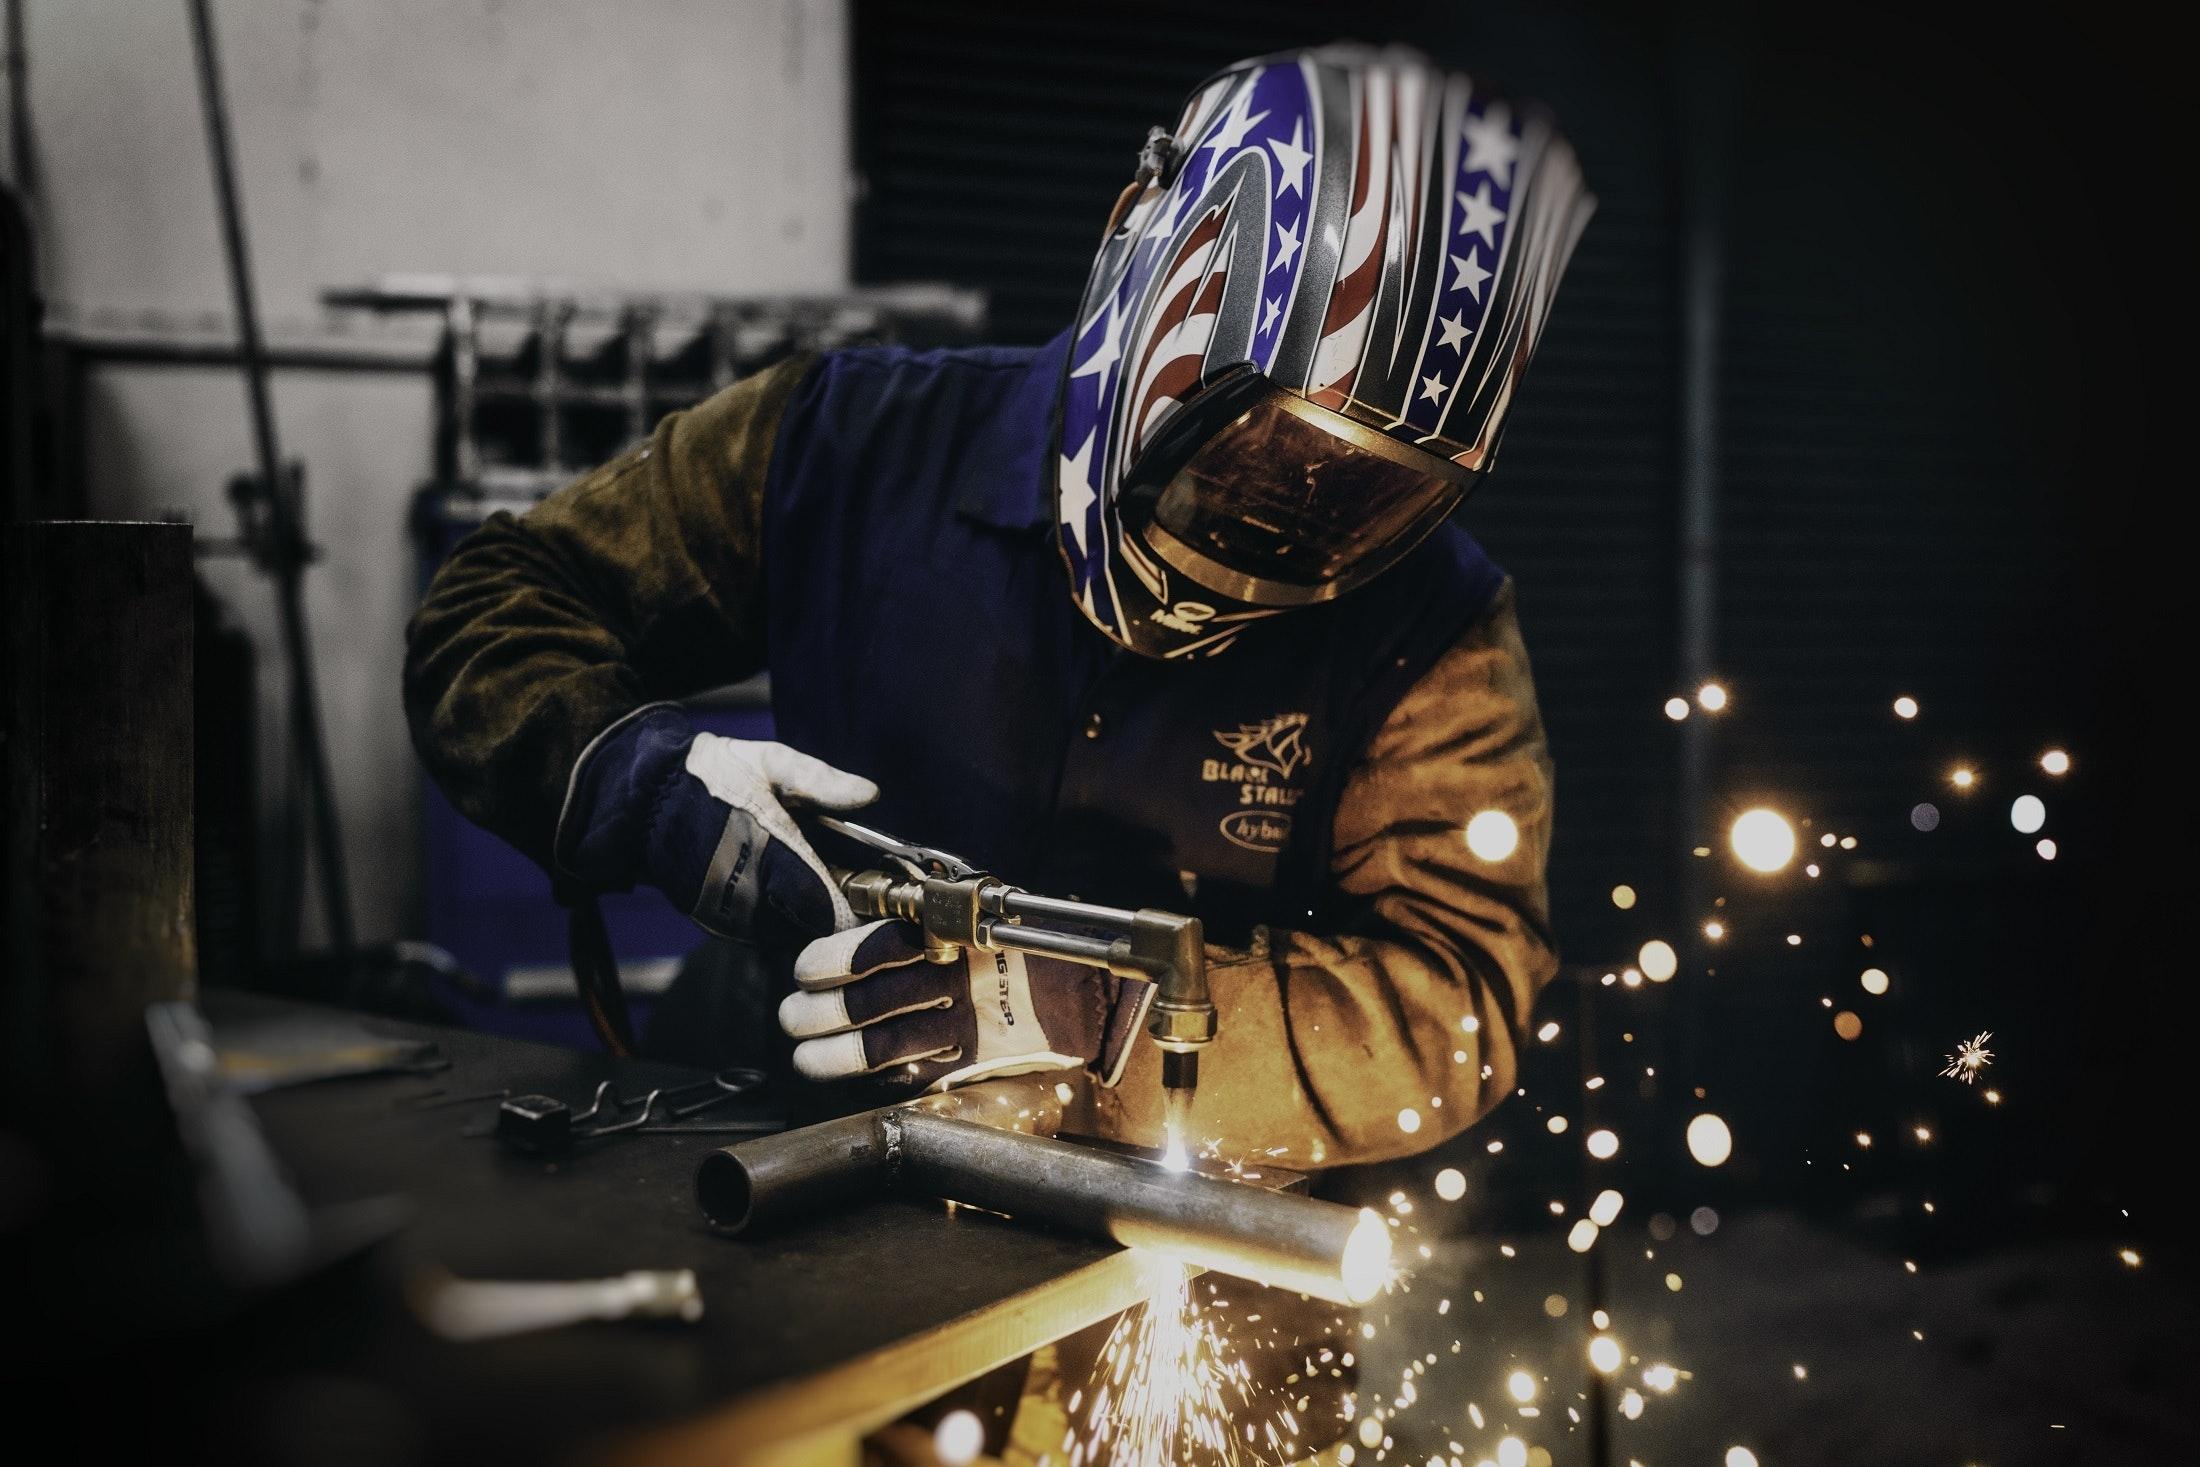 welder with American flag helmet. Welding Careers for Veterans at ETI School of Skilled Trades